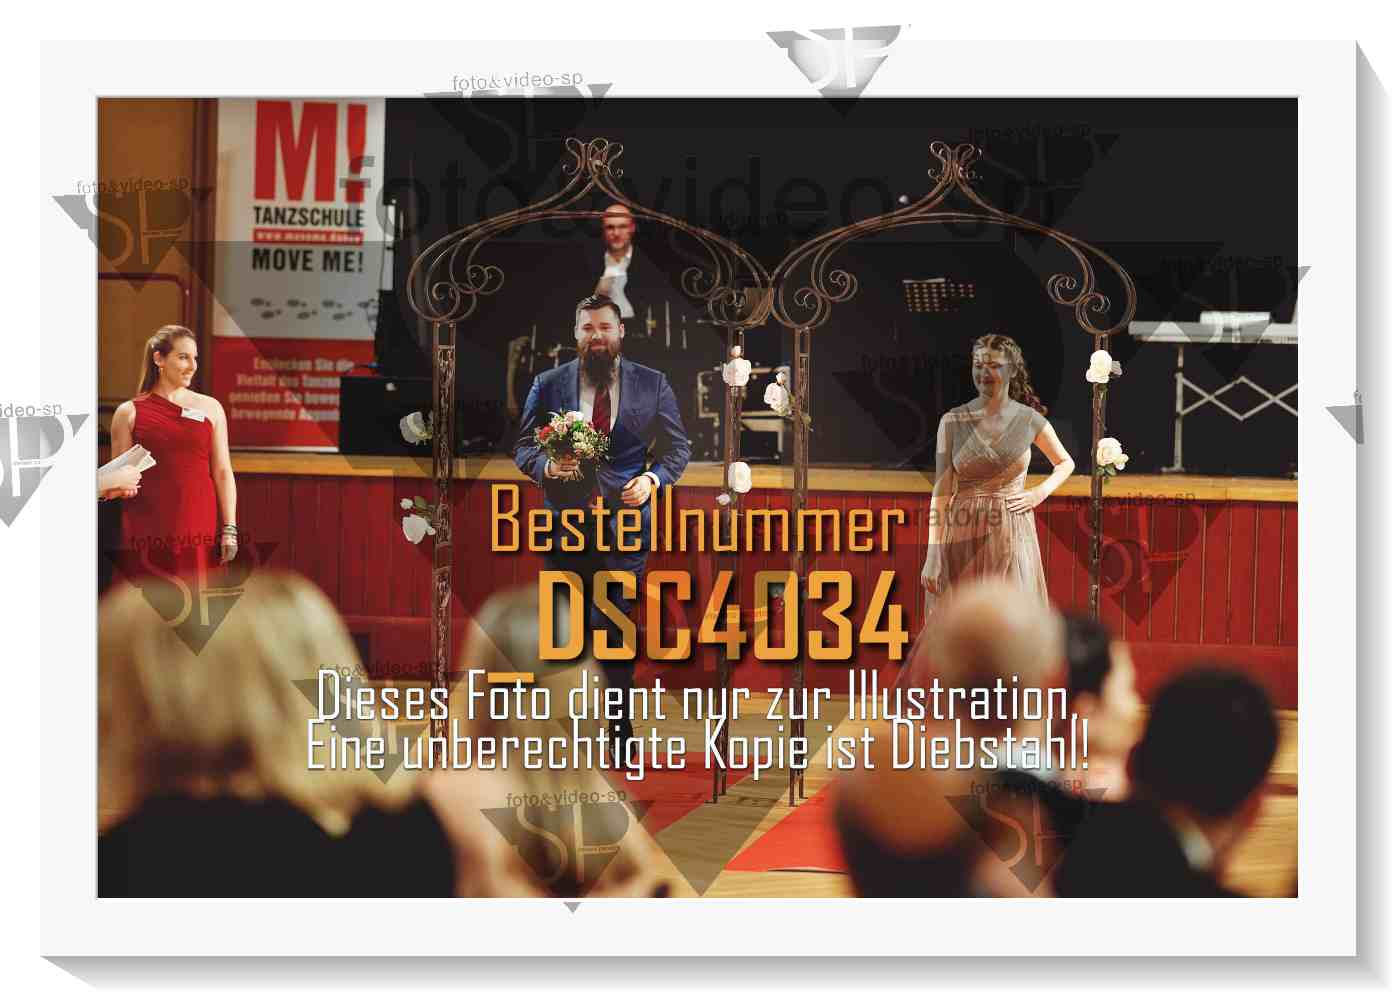 DSC4034